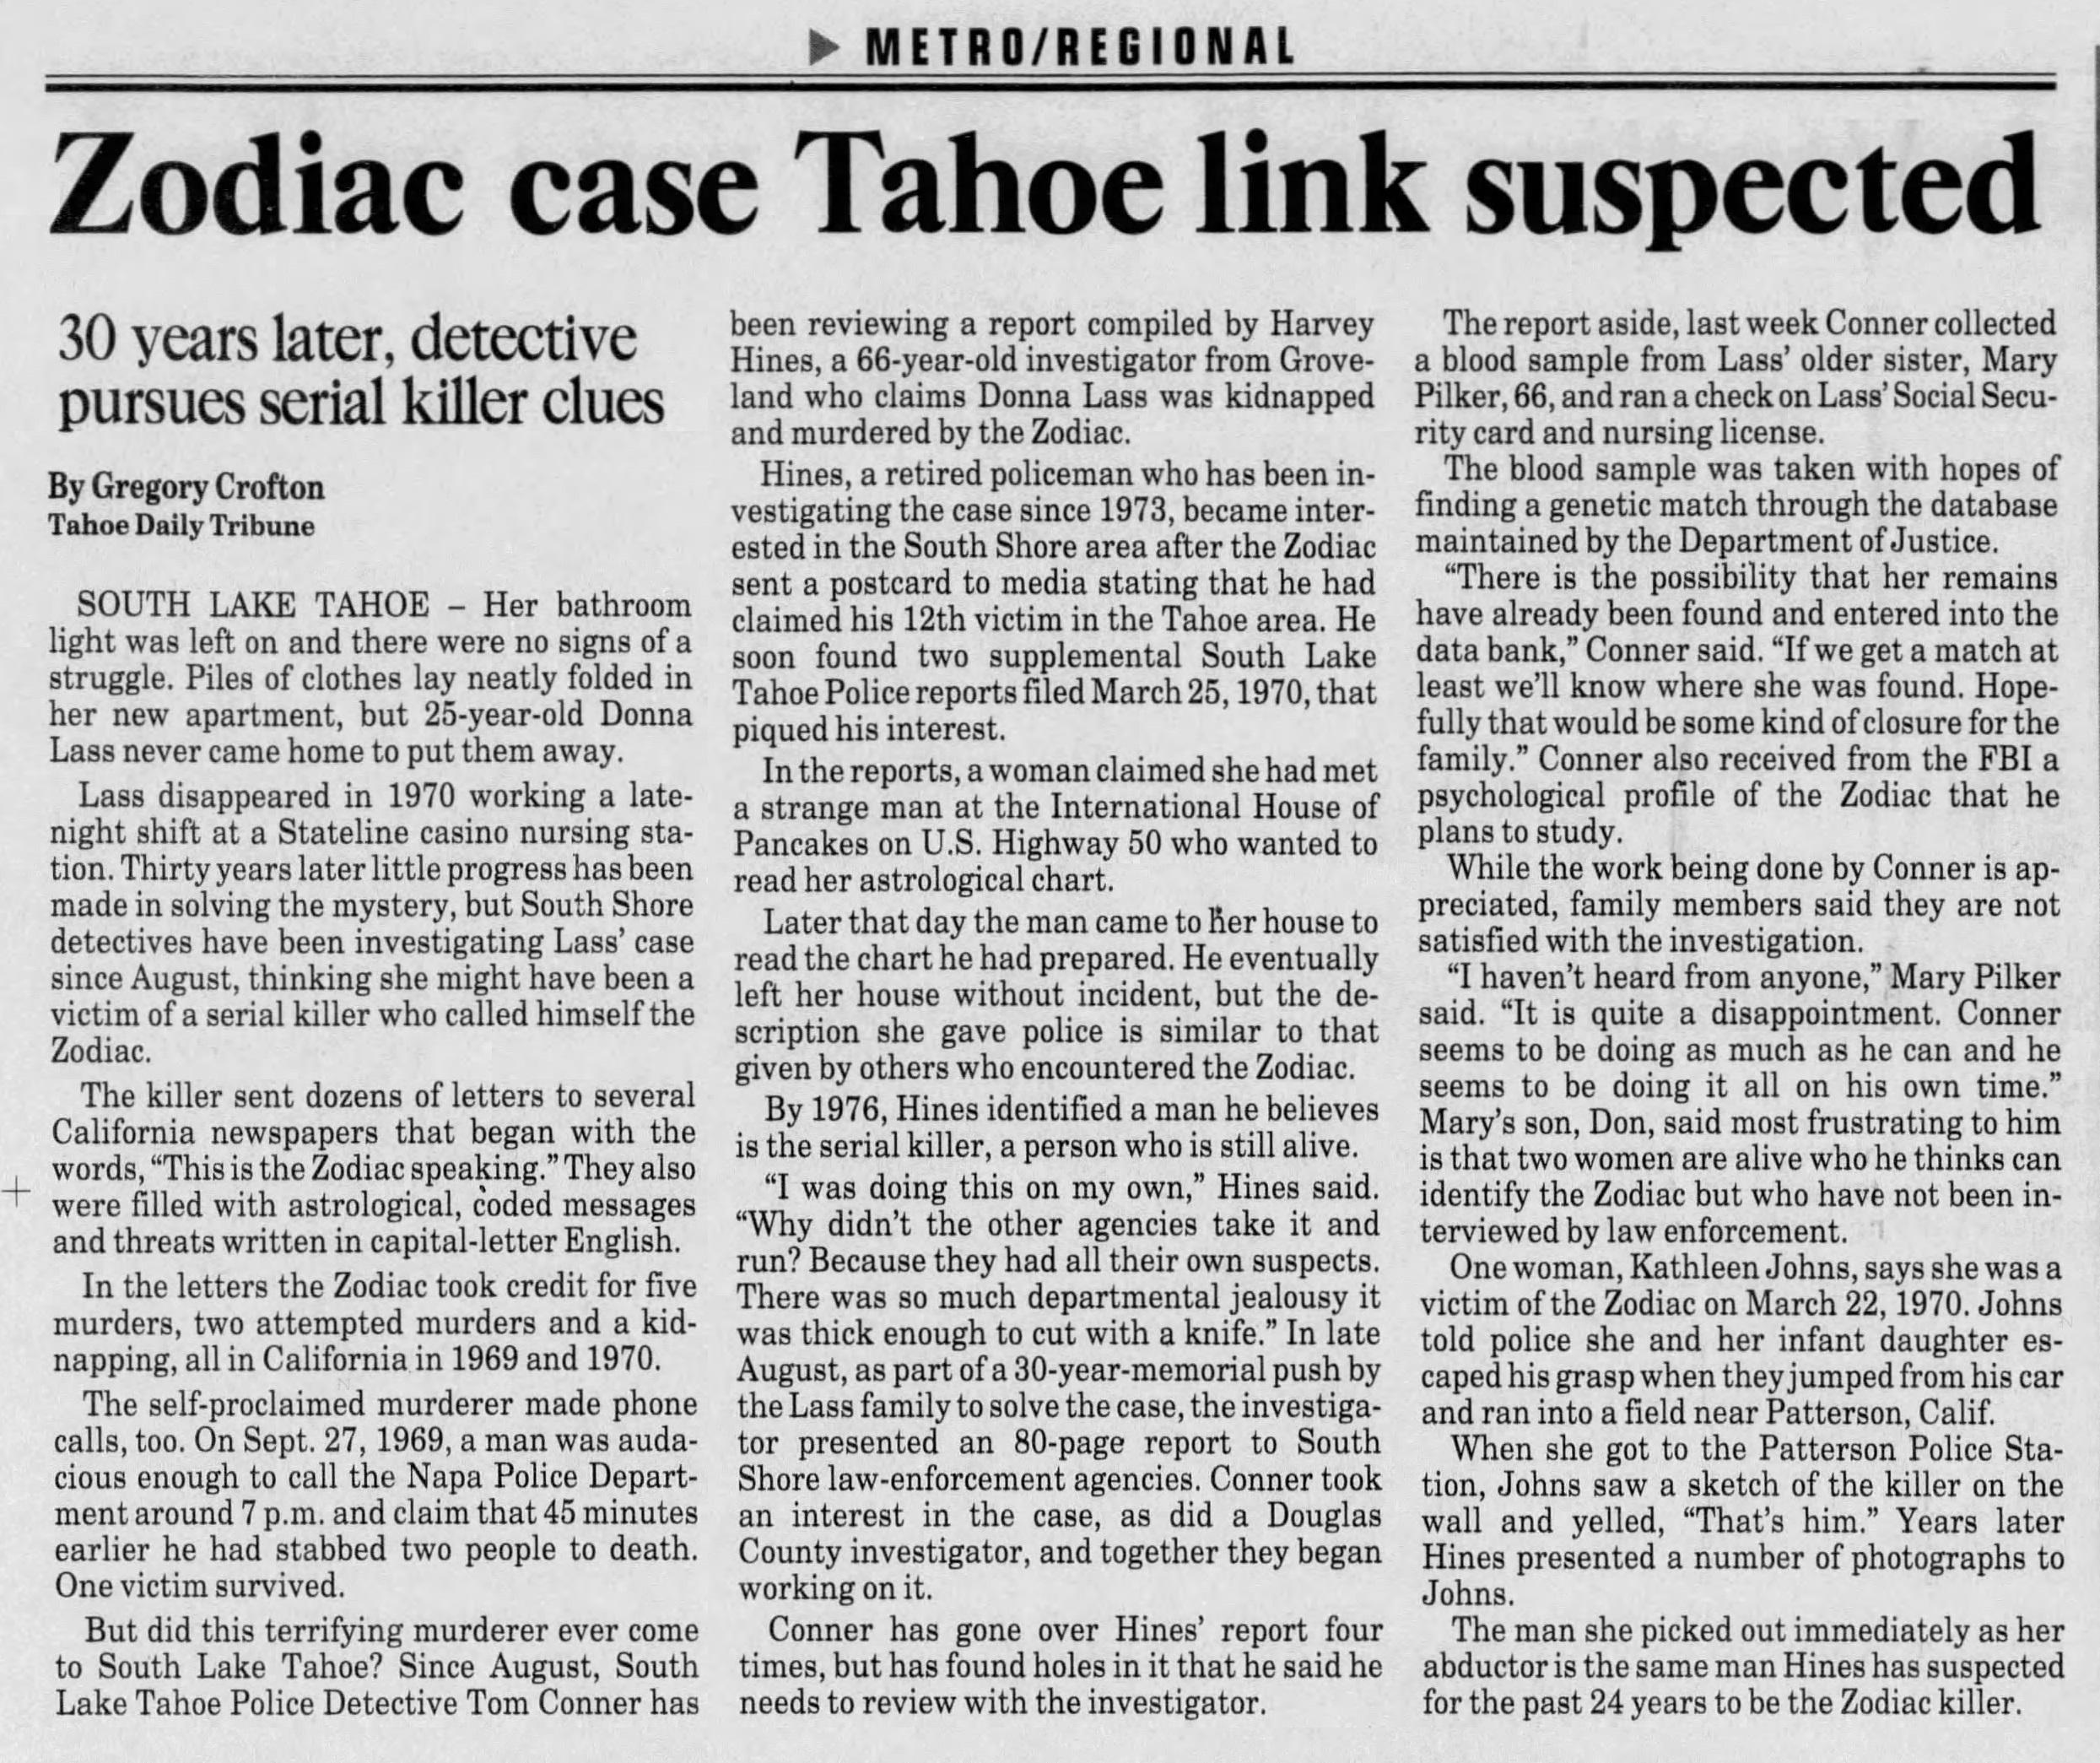 The Sacramento Bee Nov 16 2000 Donna Lass Zodiac connection probed